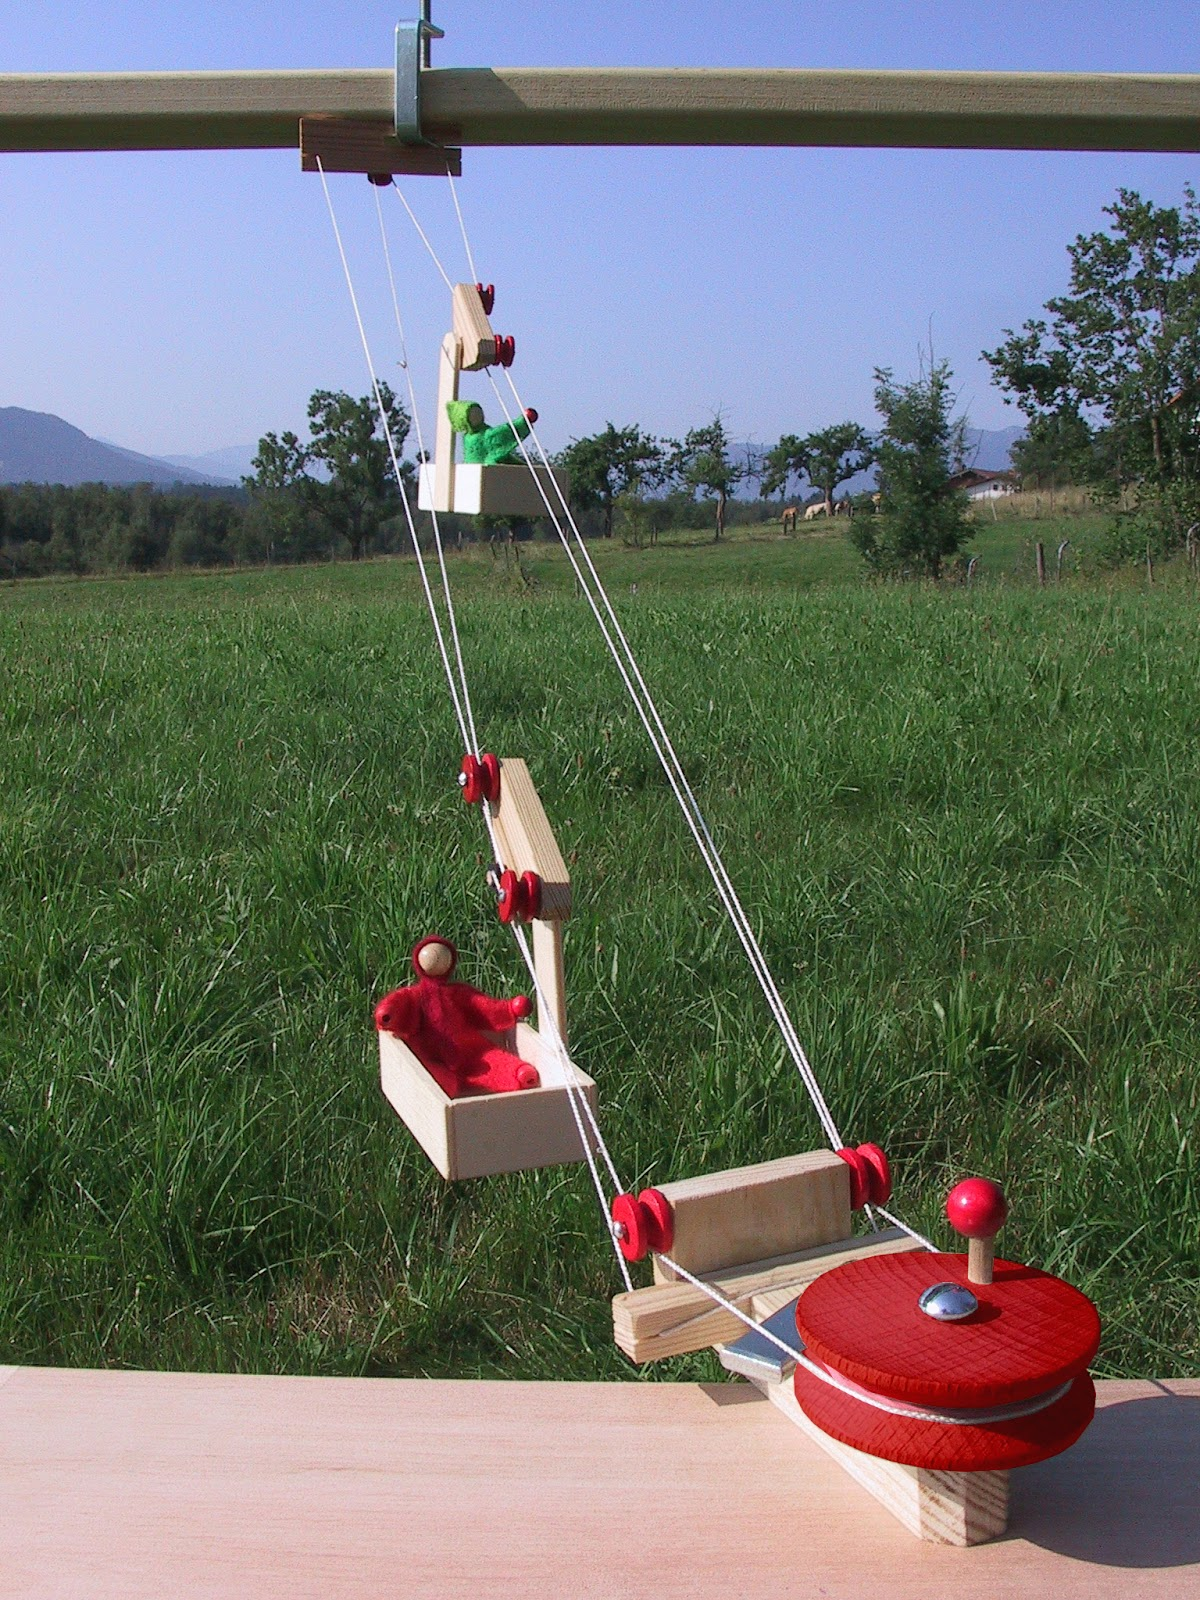 gutes lernspielzeug: eine seilbahn mit kindern ab 9 jahre bauen + 2